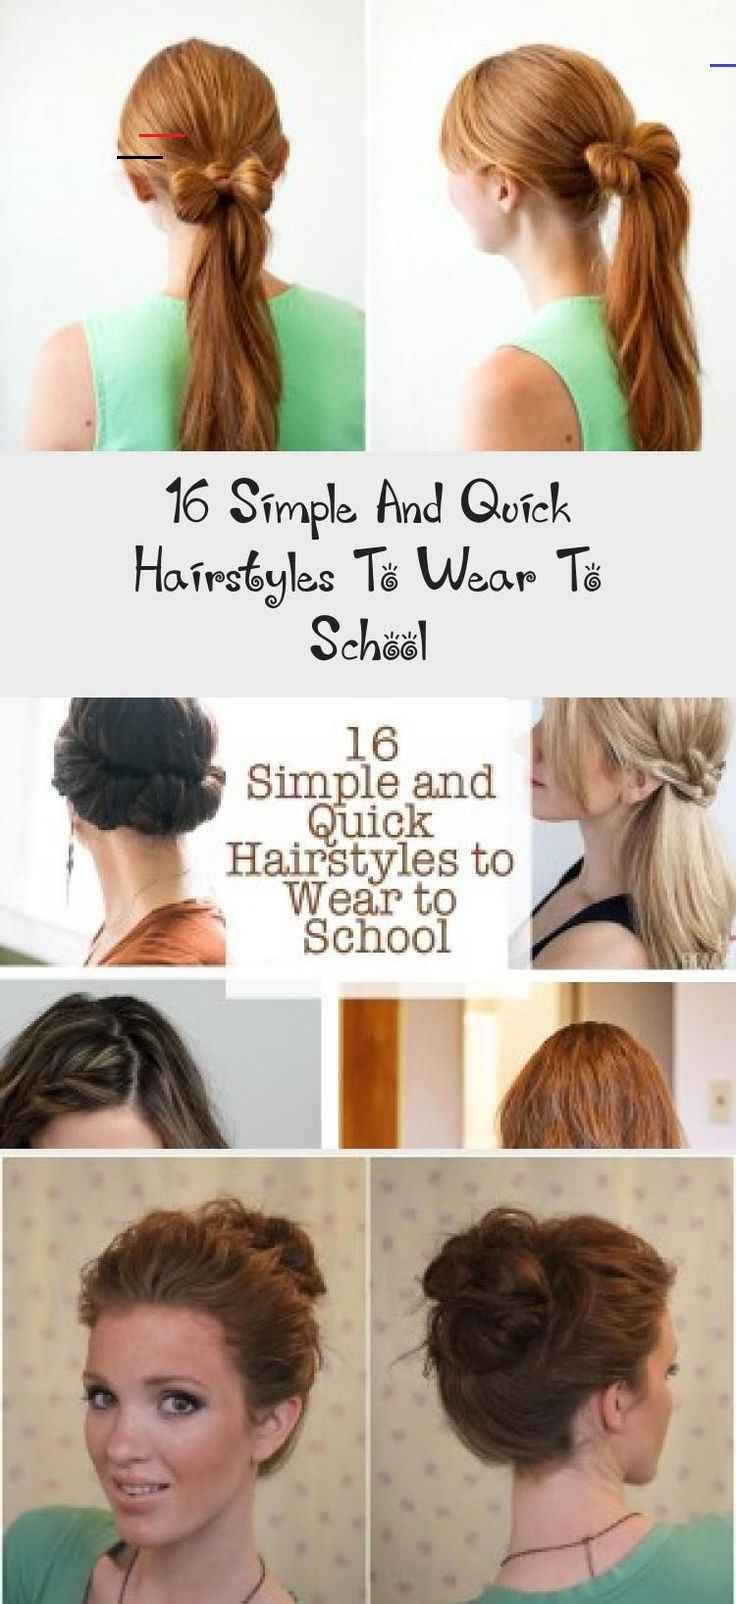 16 Einfache Und Schnelle Frisuren Fur Die Schule Frisur 16 Einfache Und Schnelle Frisur In 2020 Quick Hairstyles Quick Hairstyles For School Hairstyles For School